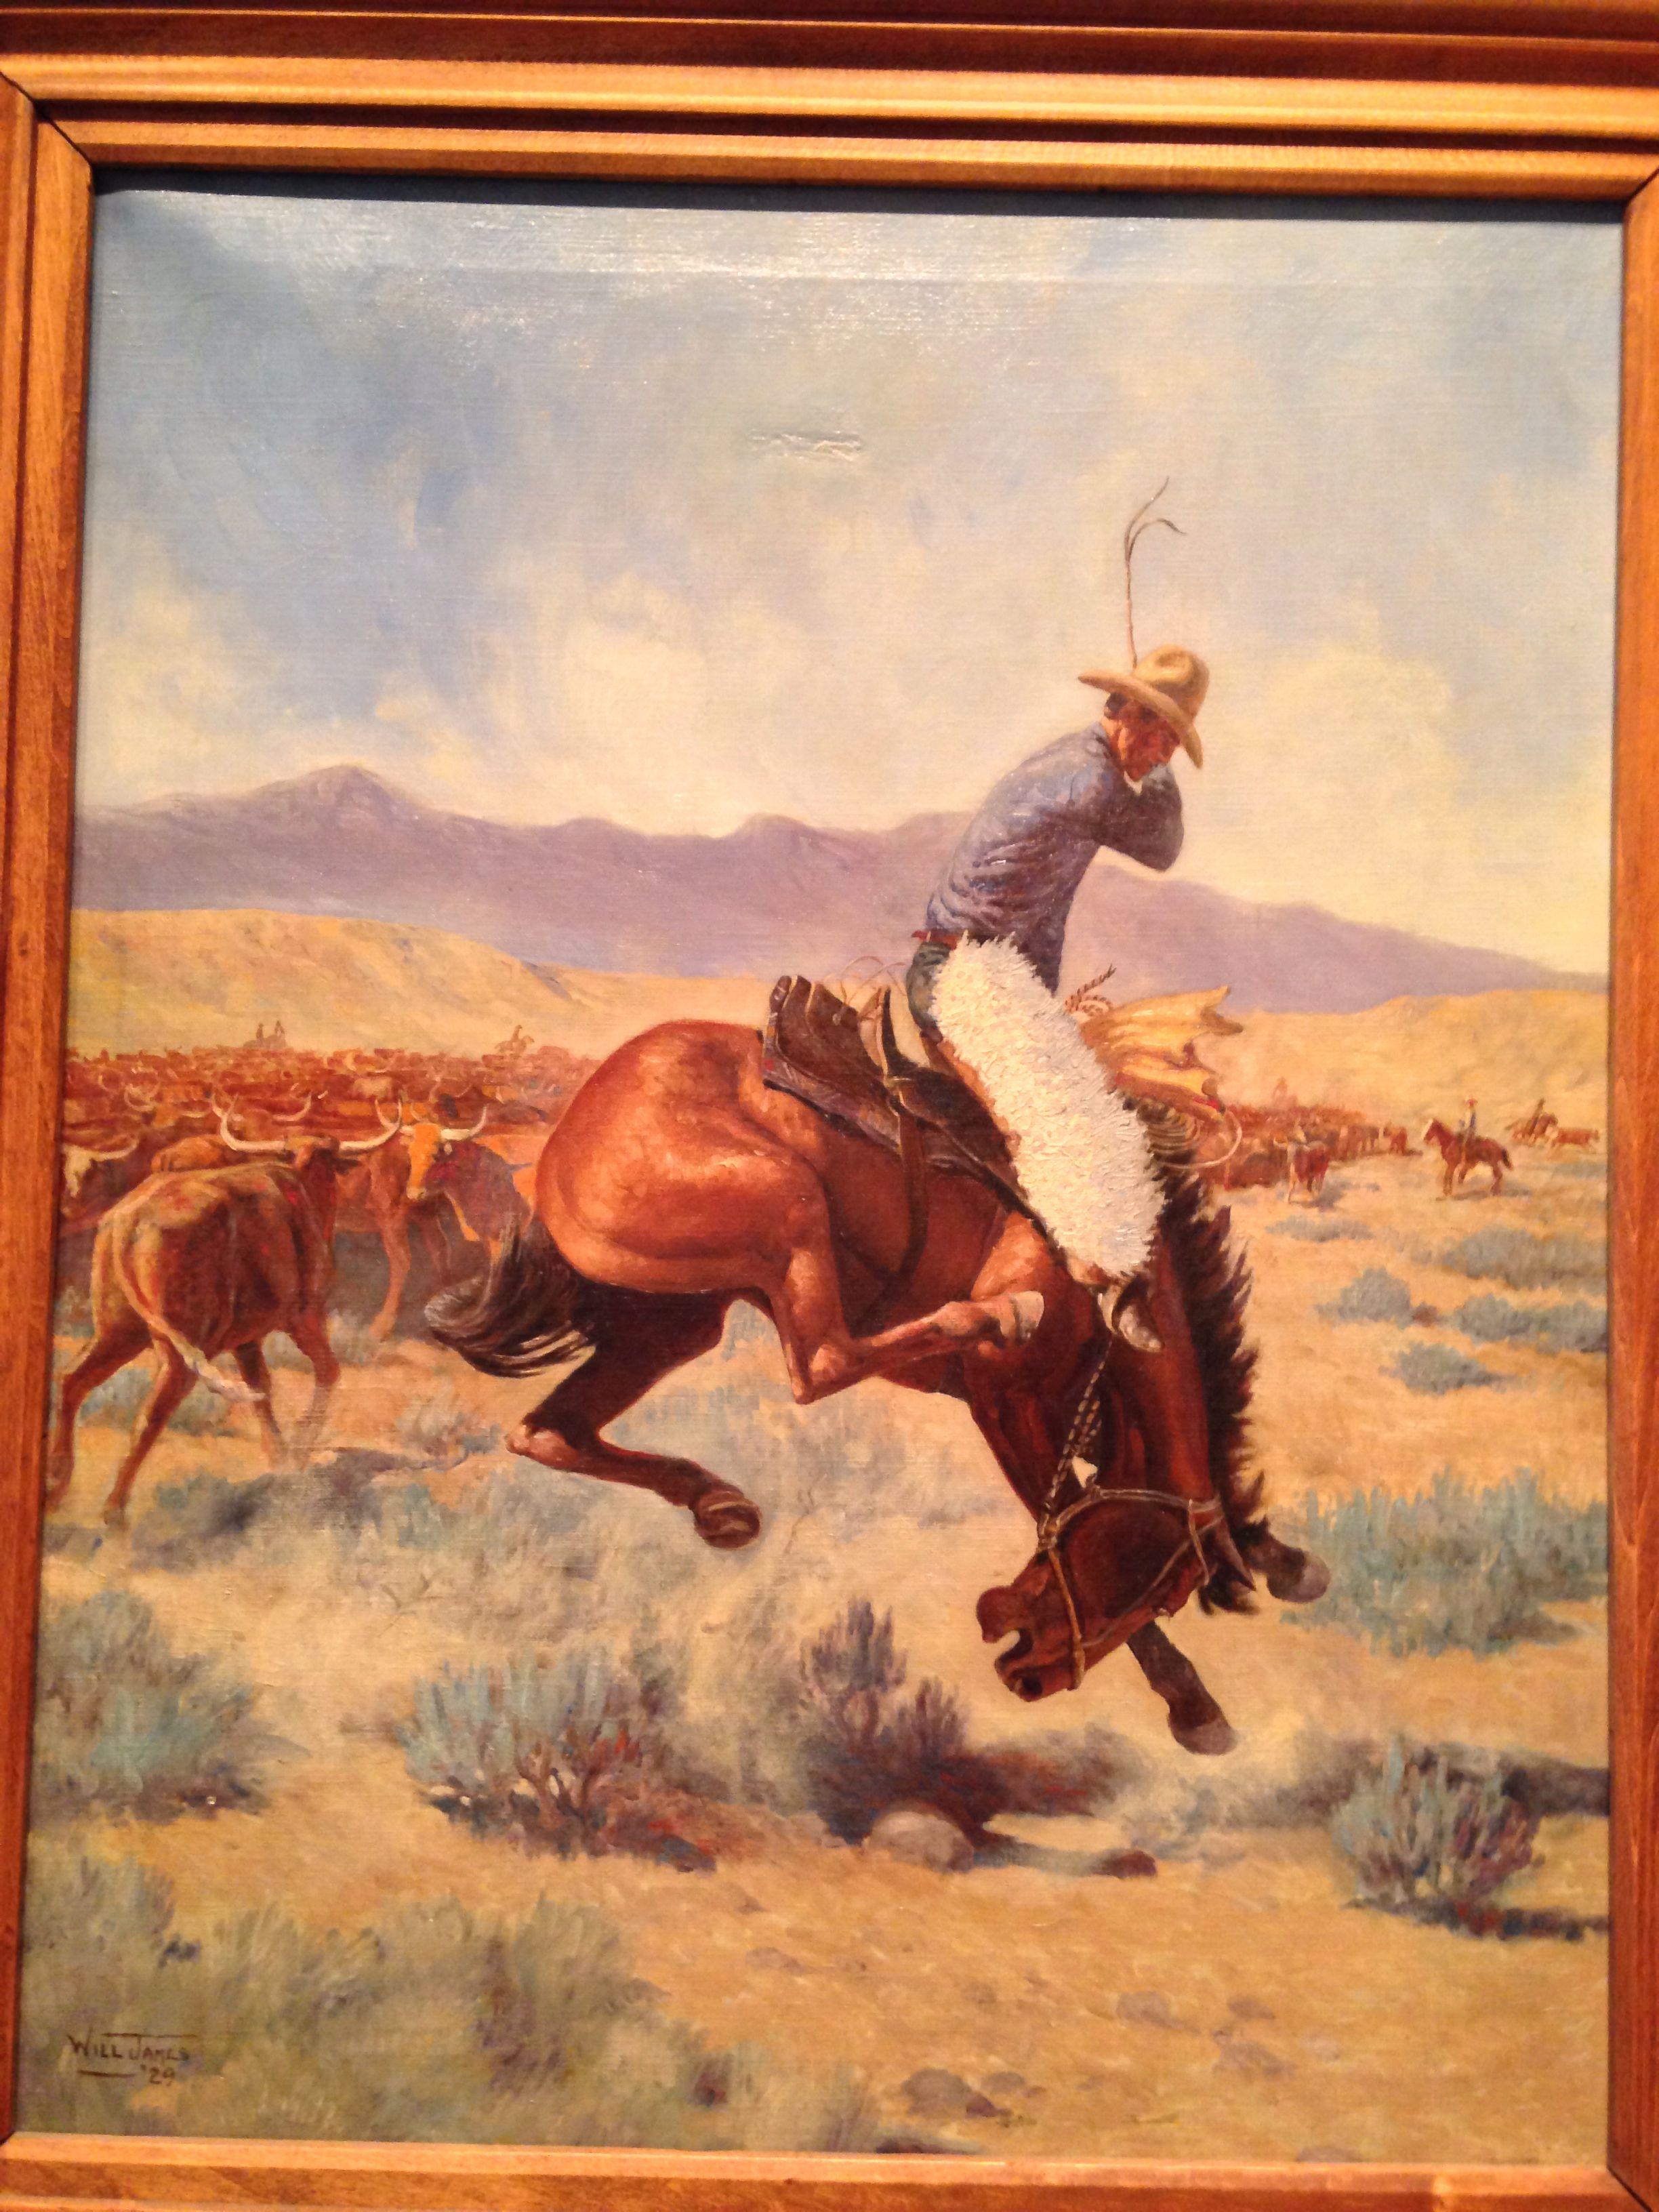 Will James - Montana Artist /Cowboy